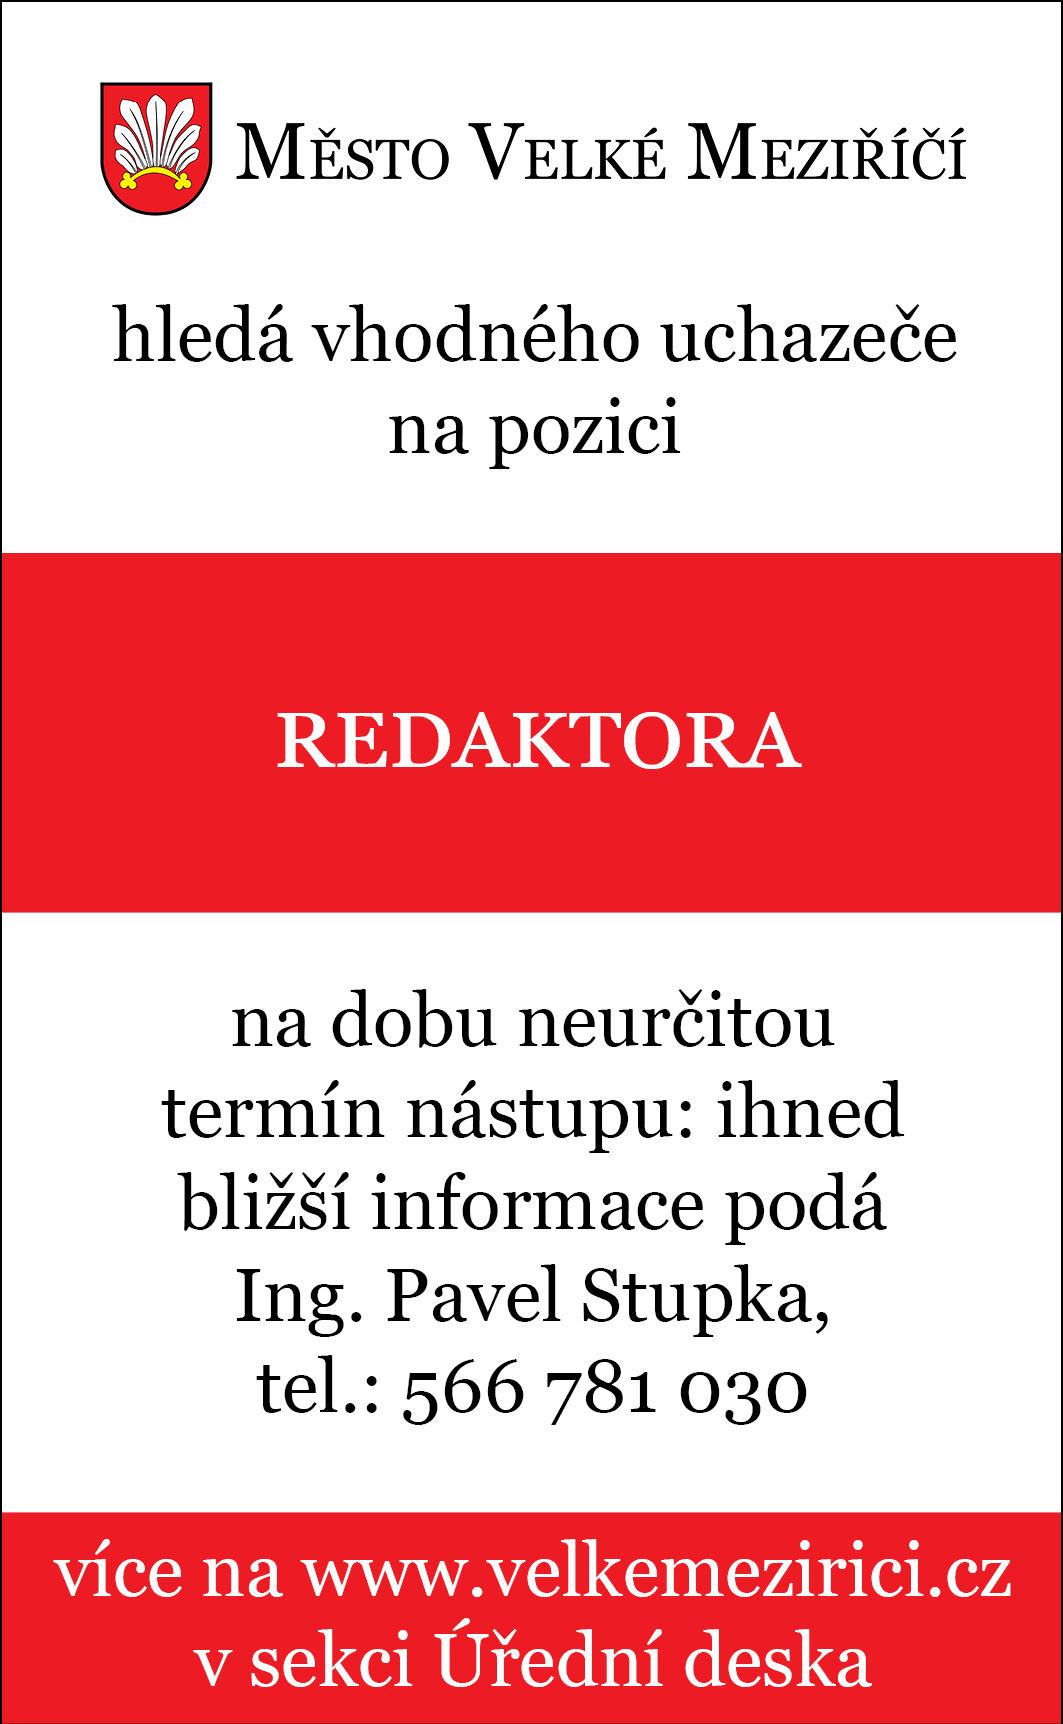 Redaktor_dolu